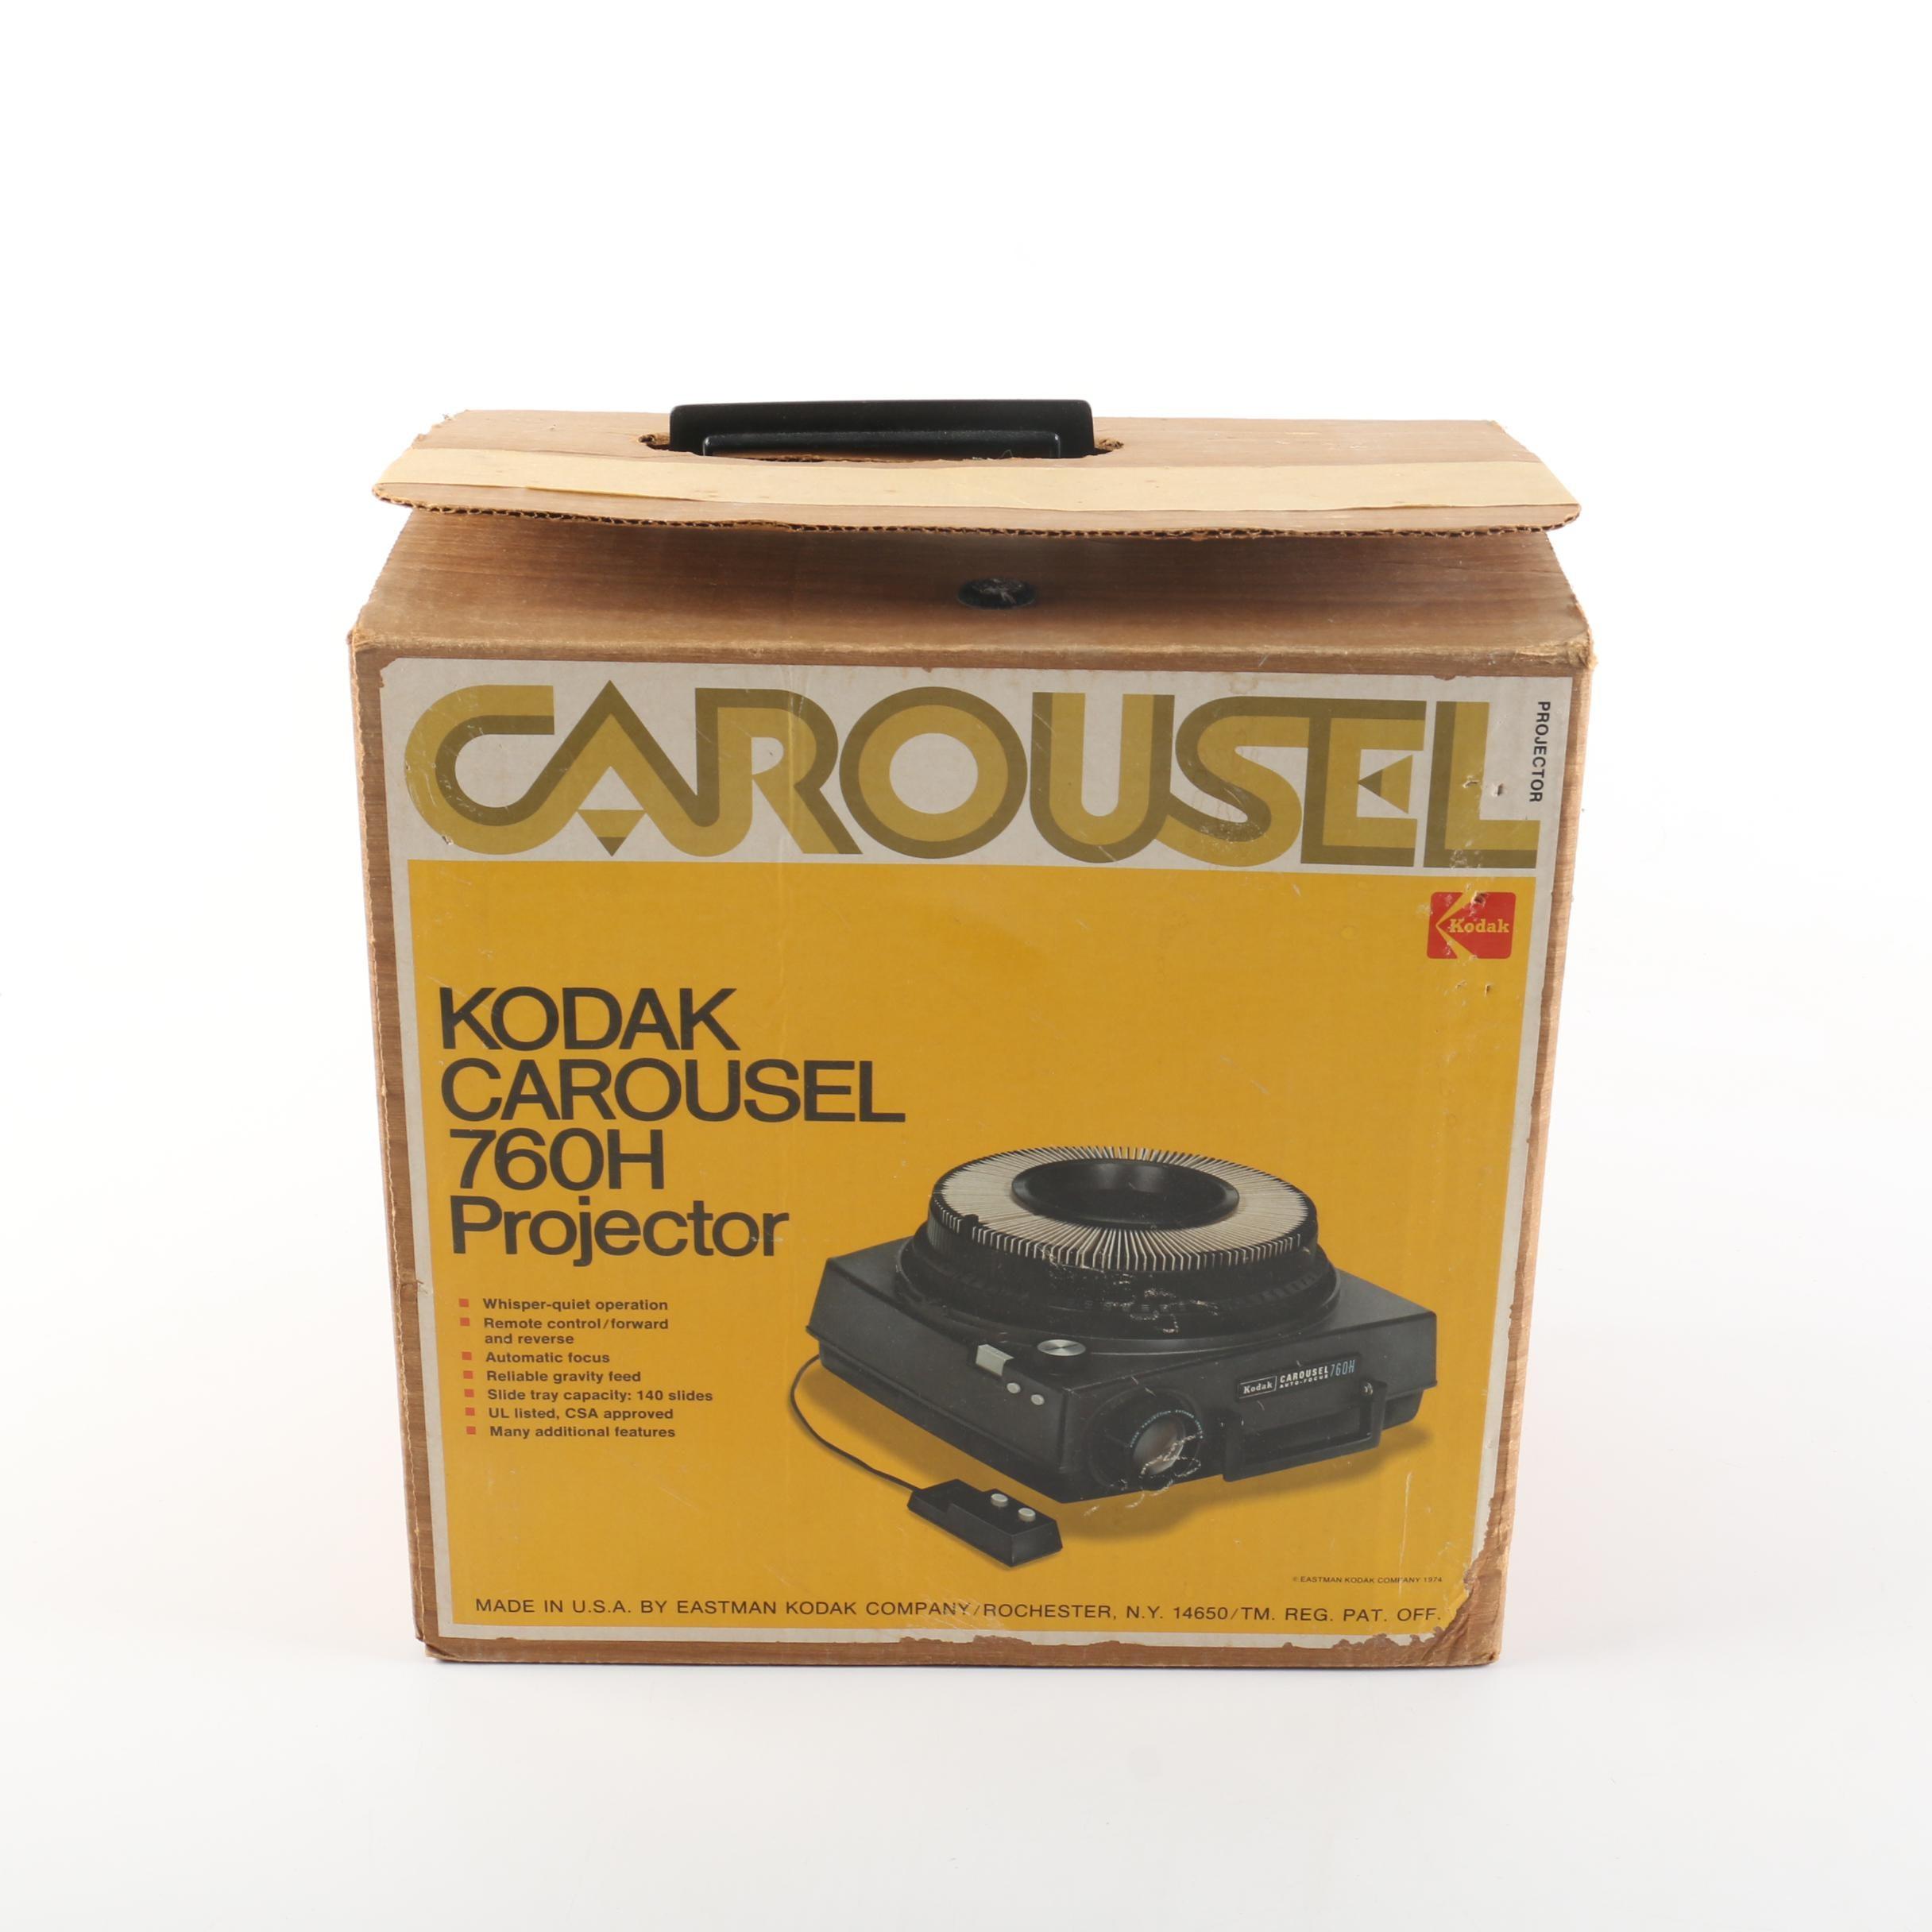 Vintage Kodak Carousel 760H Projector